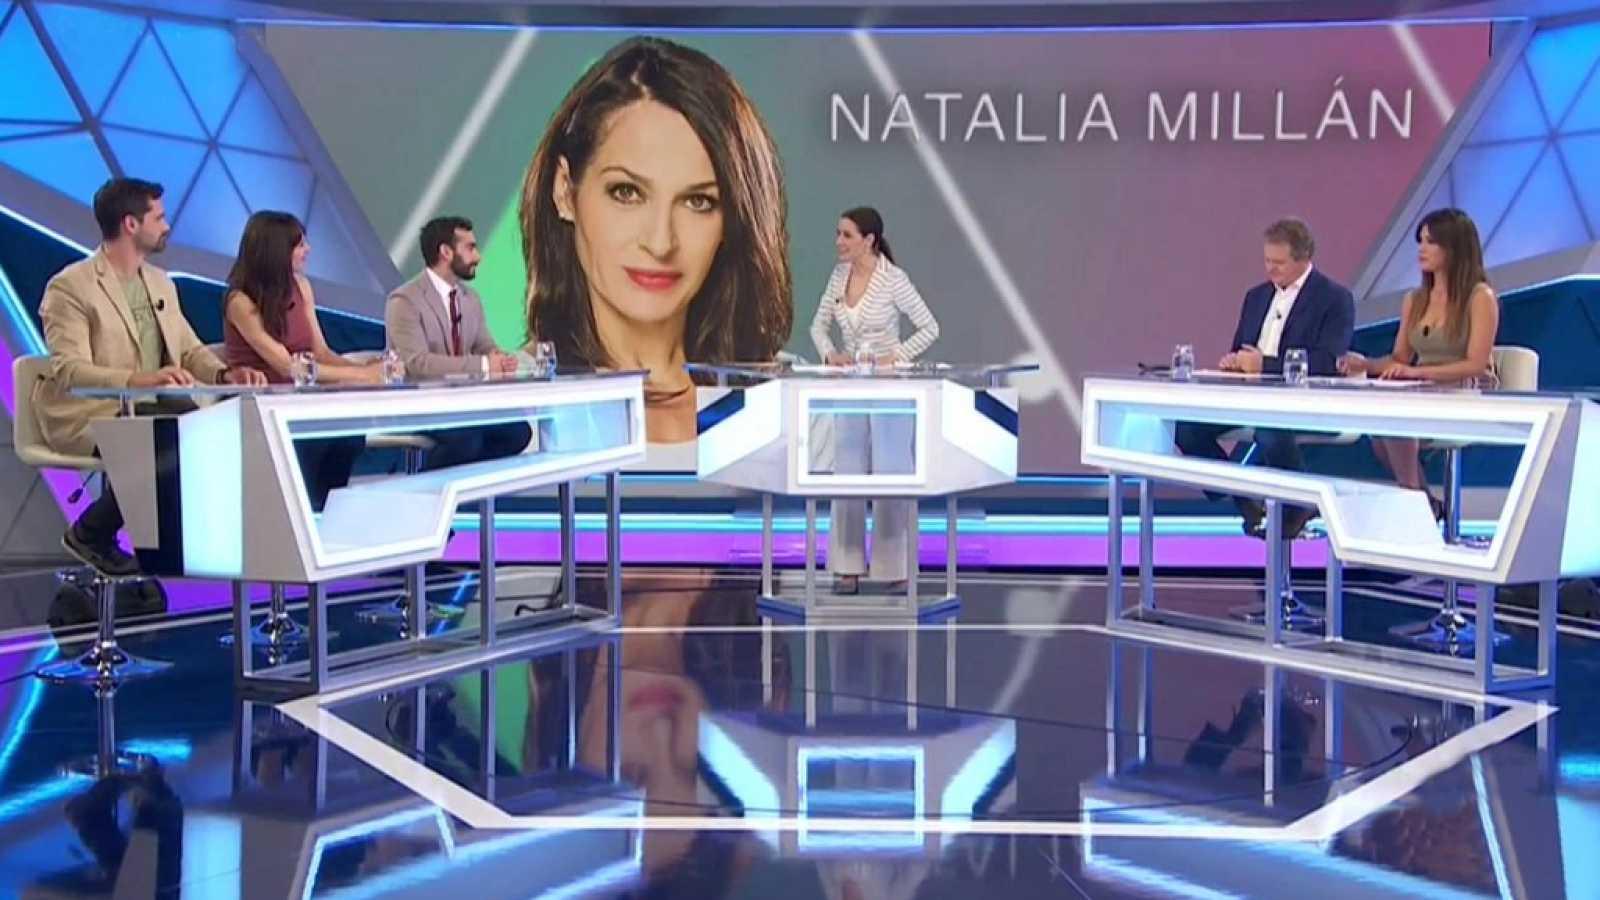 Lo siguiente - Natalia Millán - 07/03/19 - ver ahora